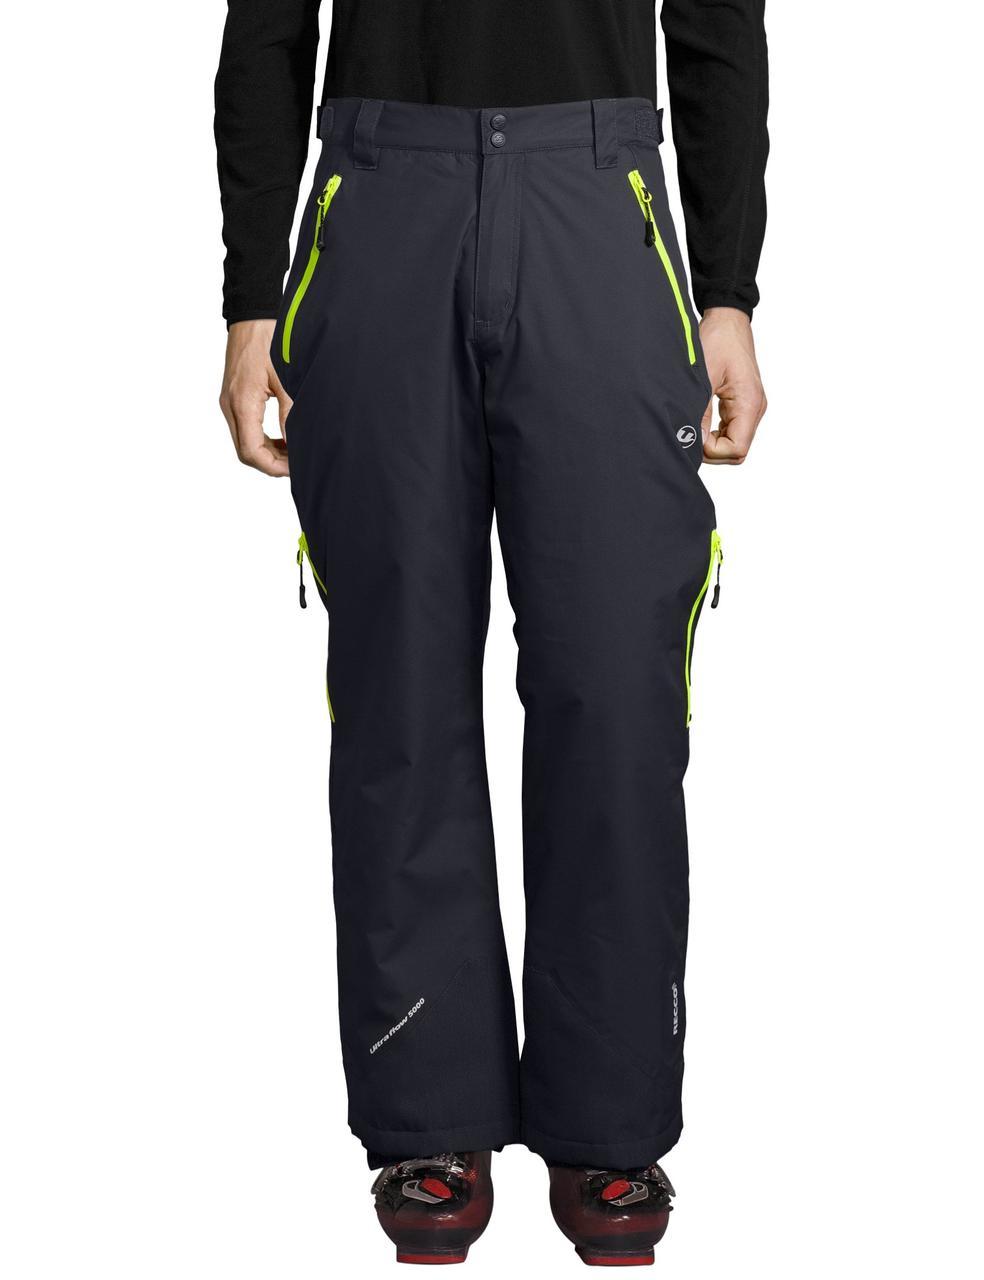 Ultrasport Professional Amud 5000mm розмір М | Чоловічі гірськолижні штани